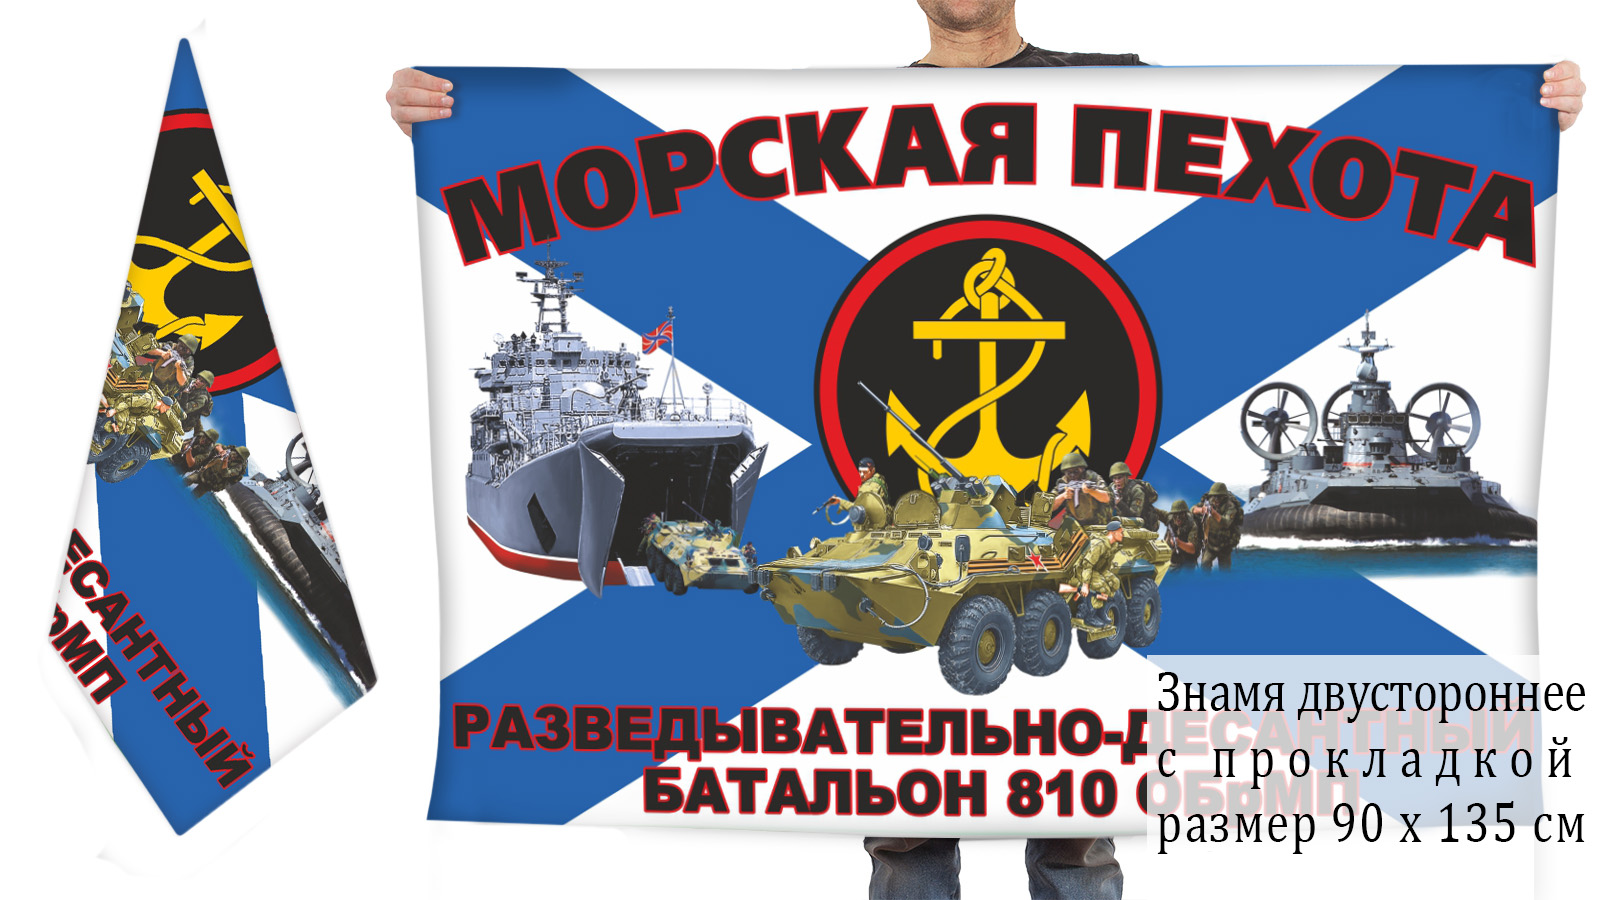 Двусторонний флаг РДБ 810 отдельной бригады морской пехоты